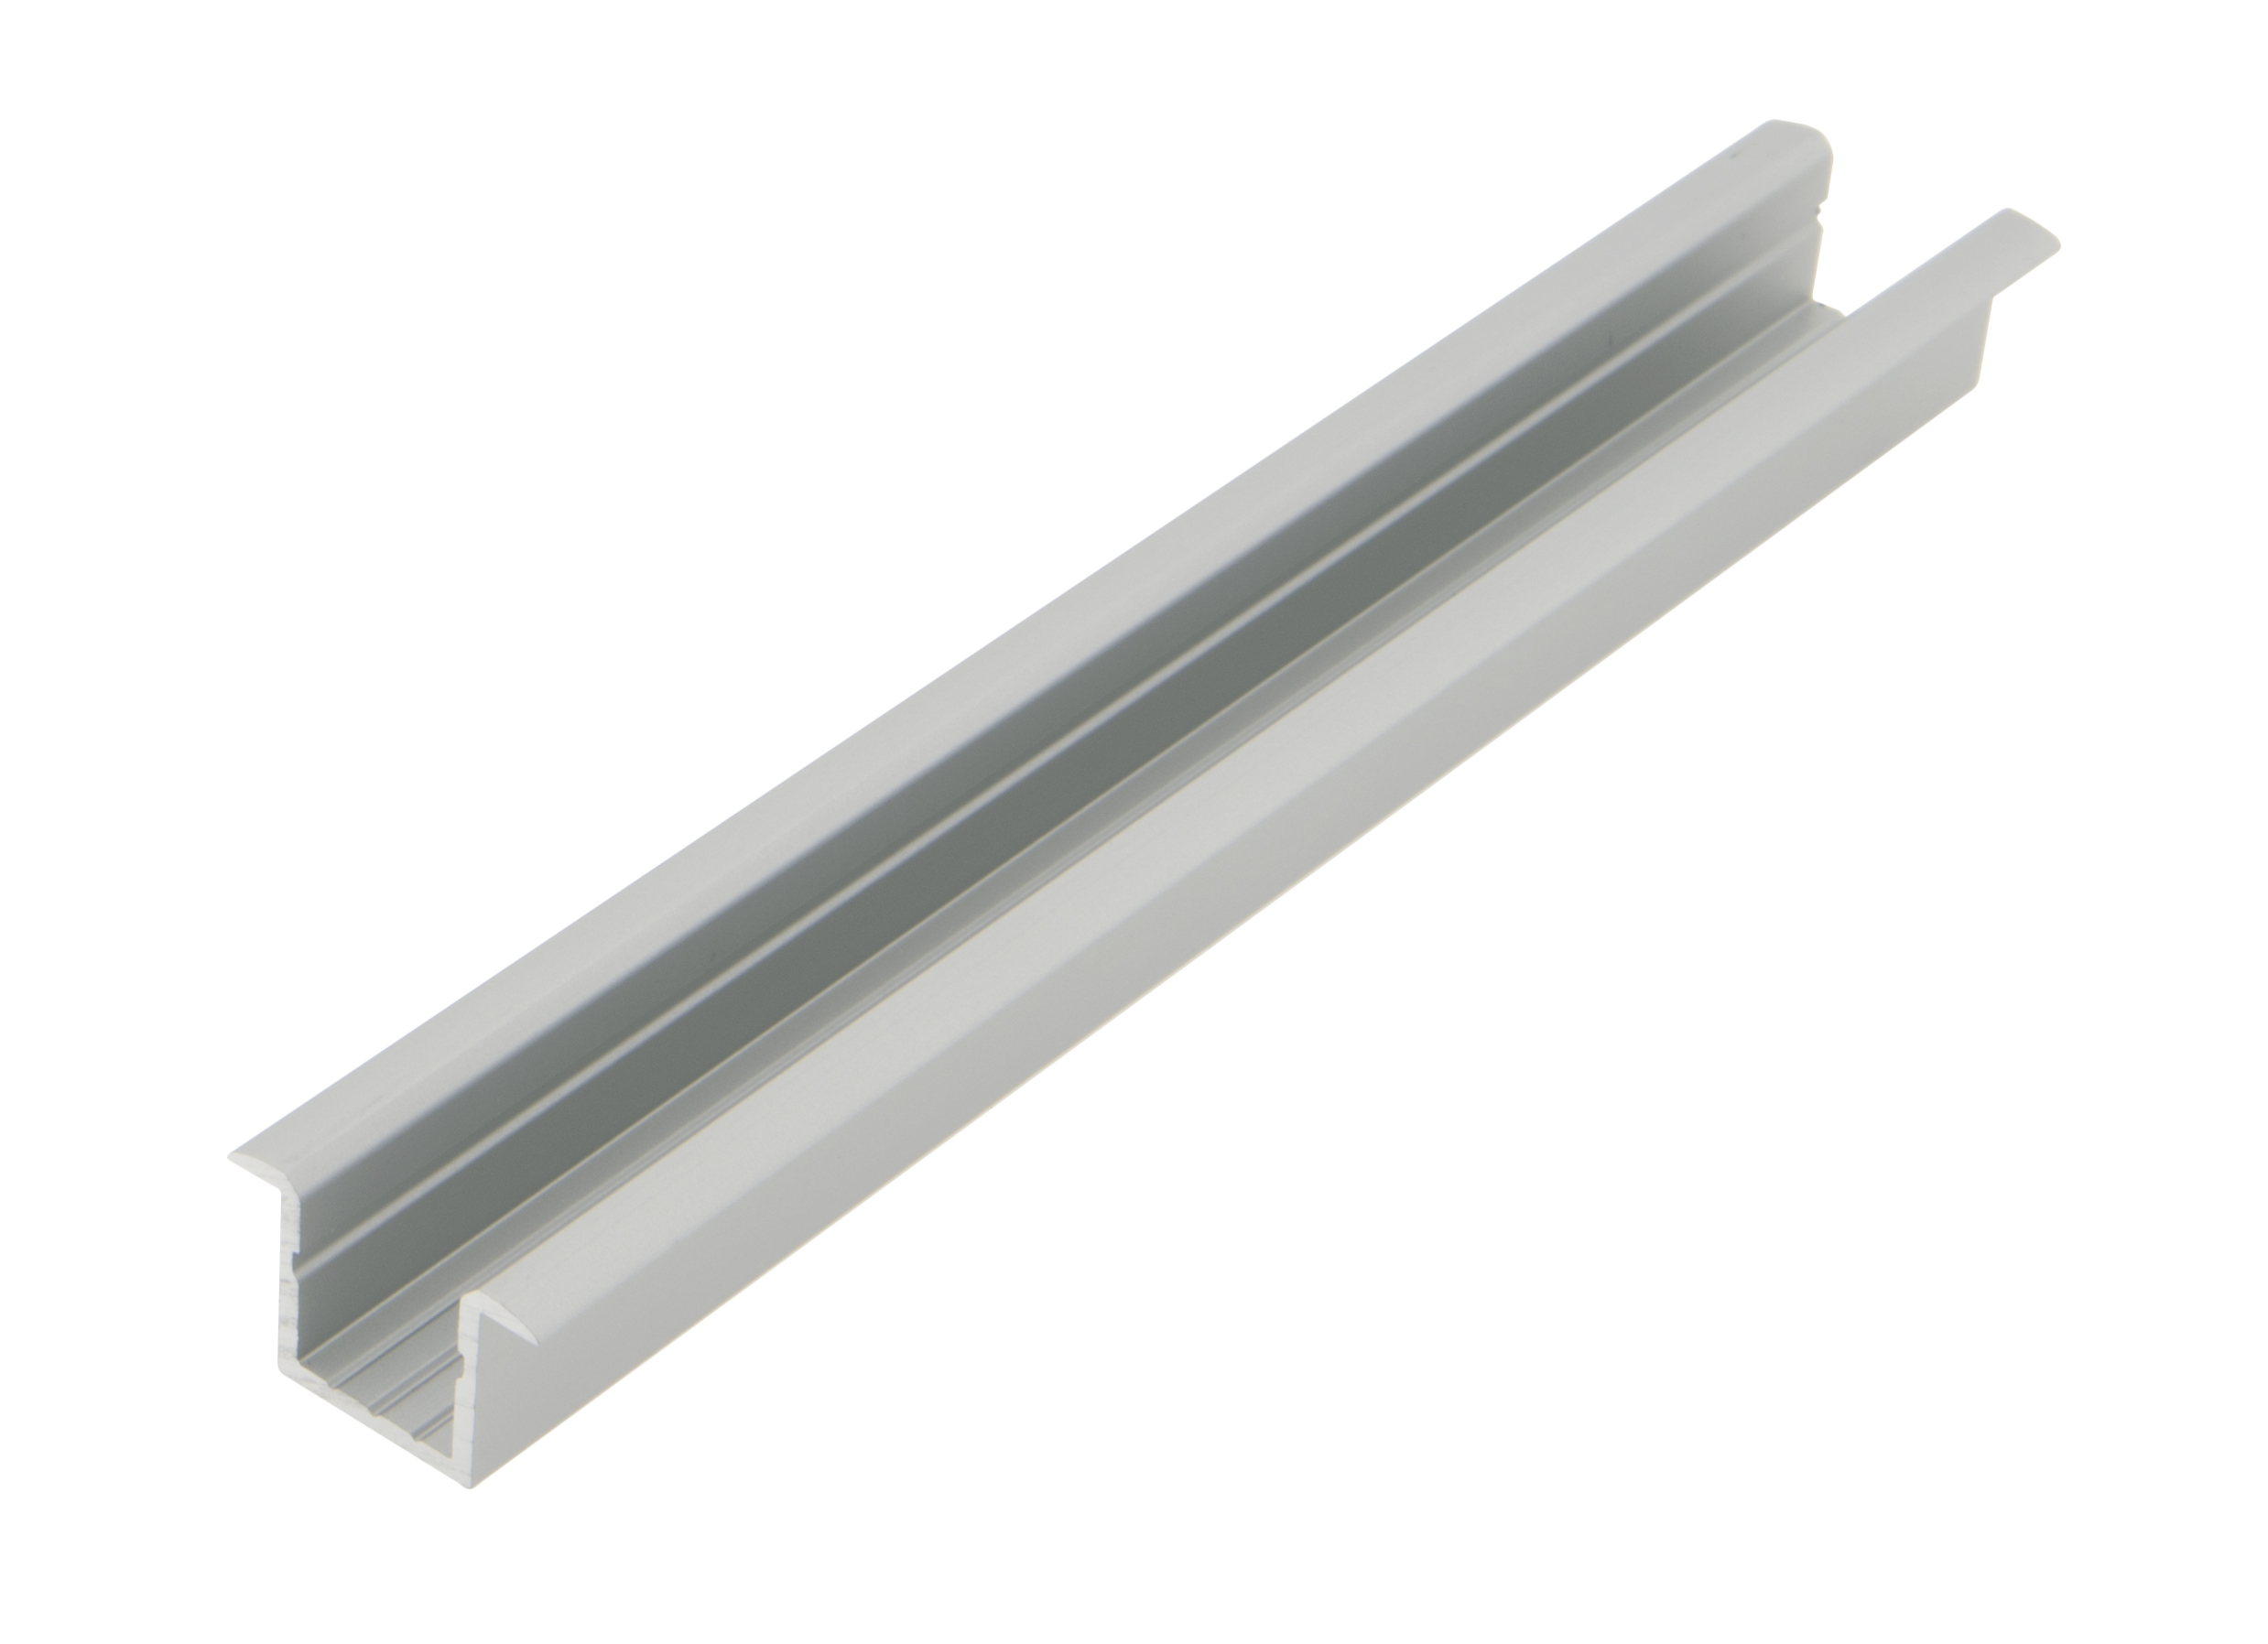 1 m Aluminiumprofil KLI, L-2000mm B-14mm H-14mm LIAP008002